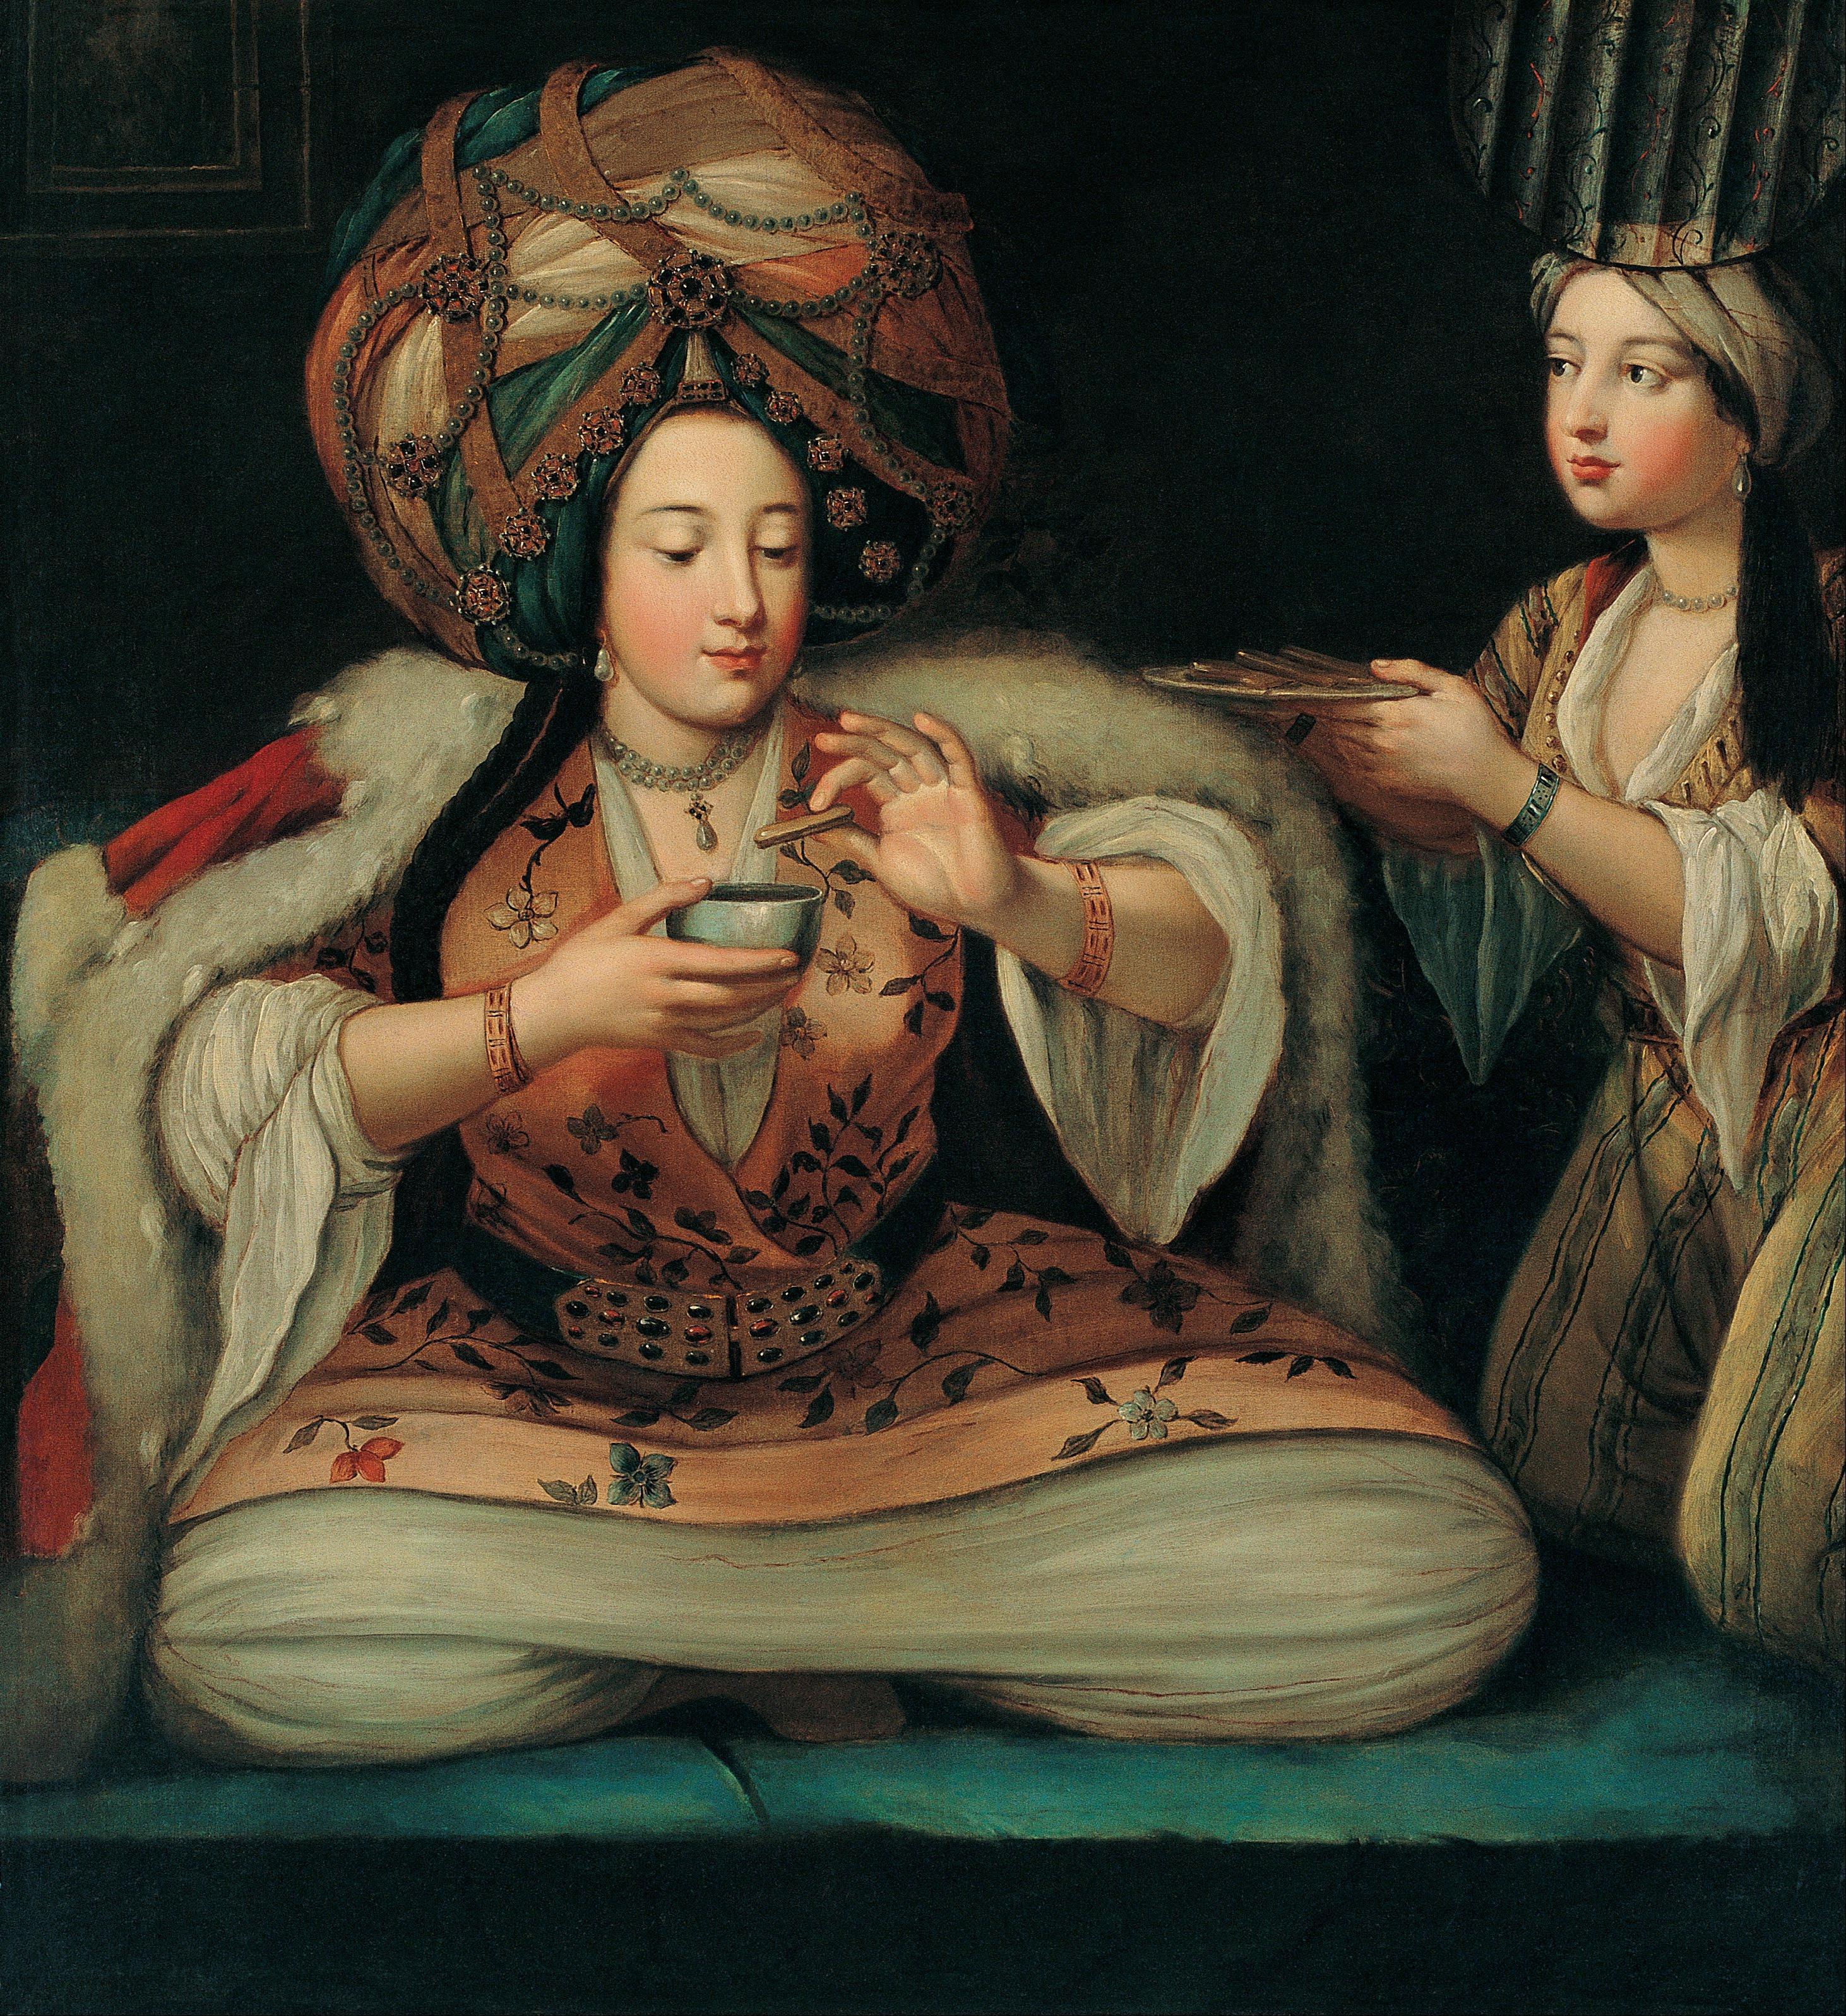 ペラ美術館所蔵の「コーヒーの楽しみ」:オスマン帝国時代のコーヒーシーン